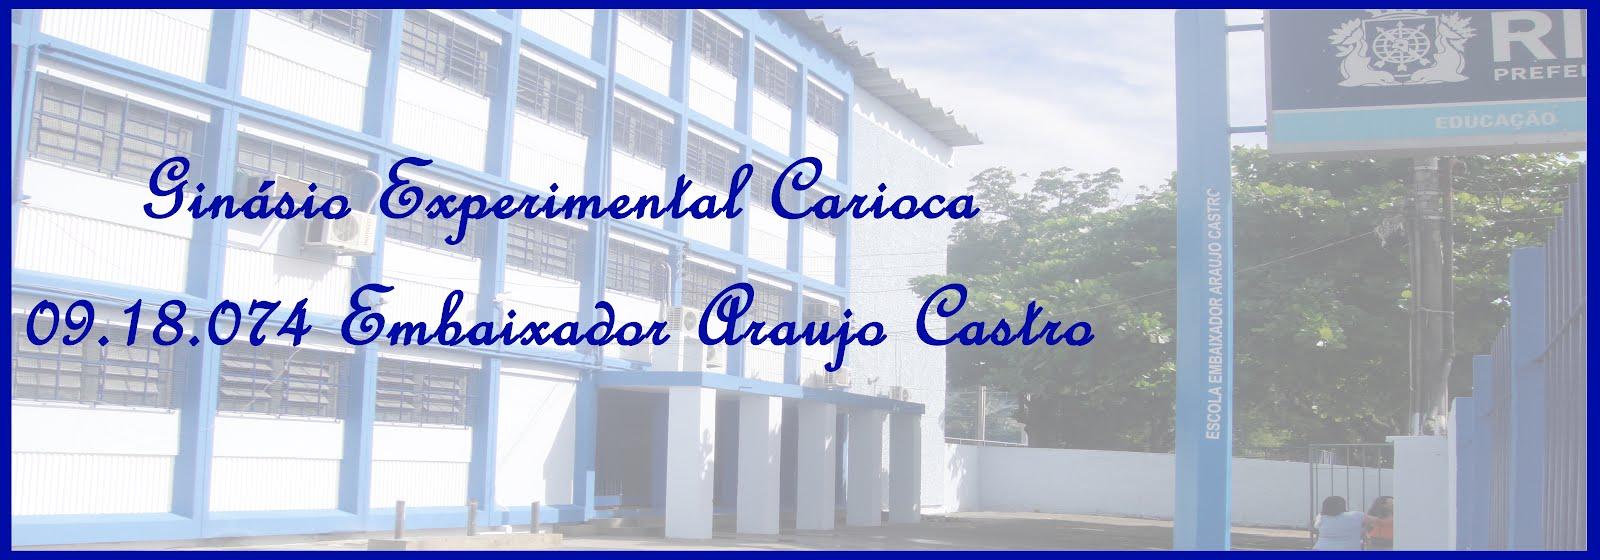 Ginásio Carioca 09.18.074 Embaixador Araujo Castro